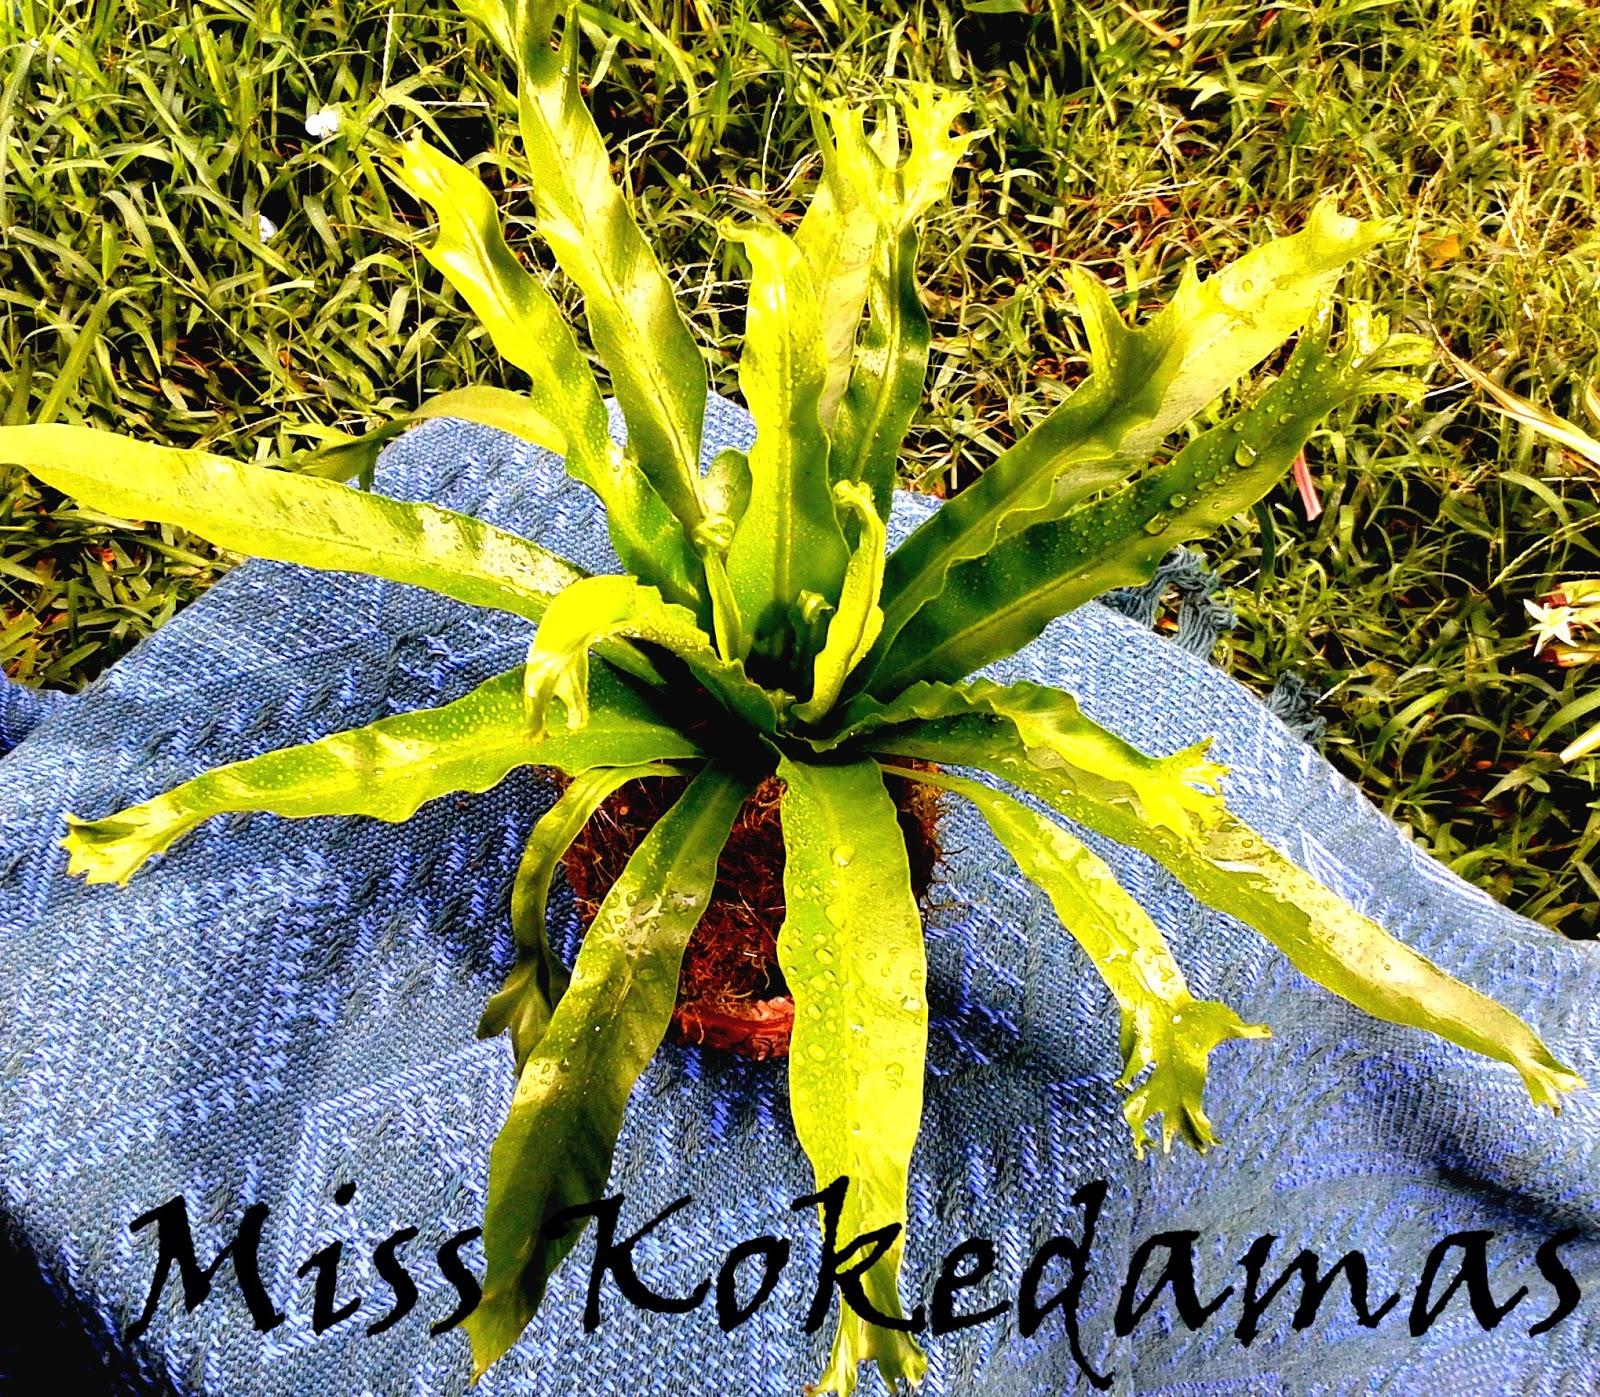 Miss kokedamas plantas decorativas de interior en macetas for Plantas decorativas hidroponicas